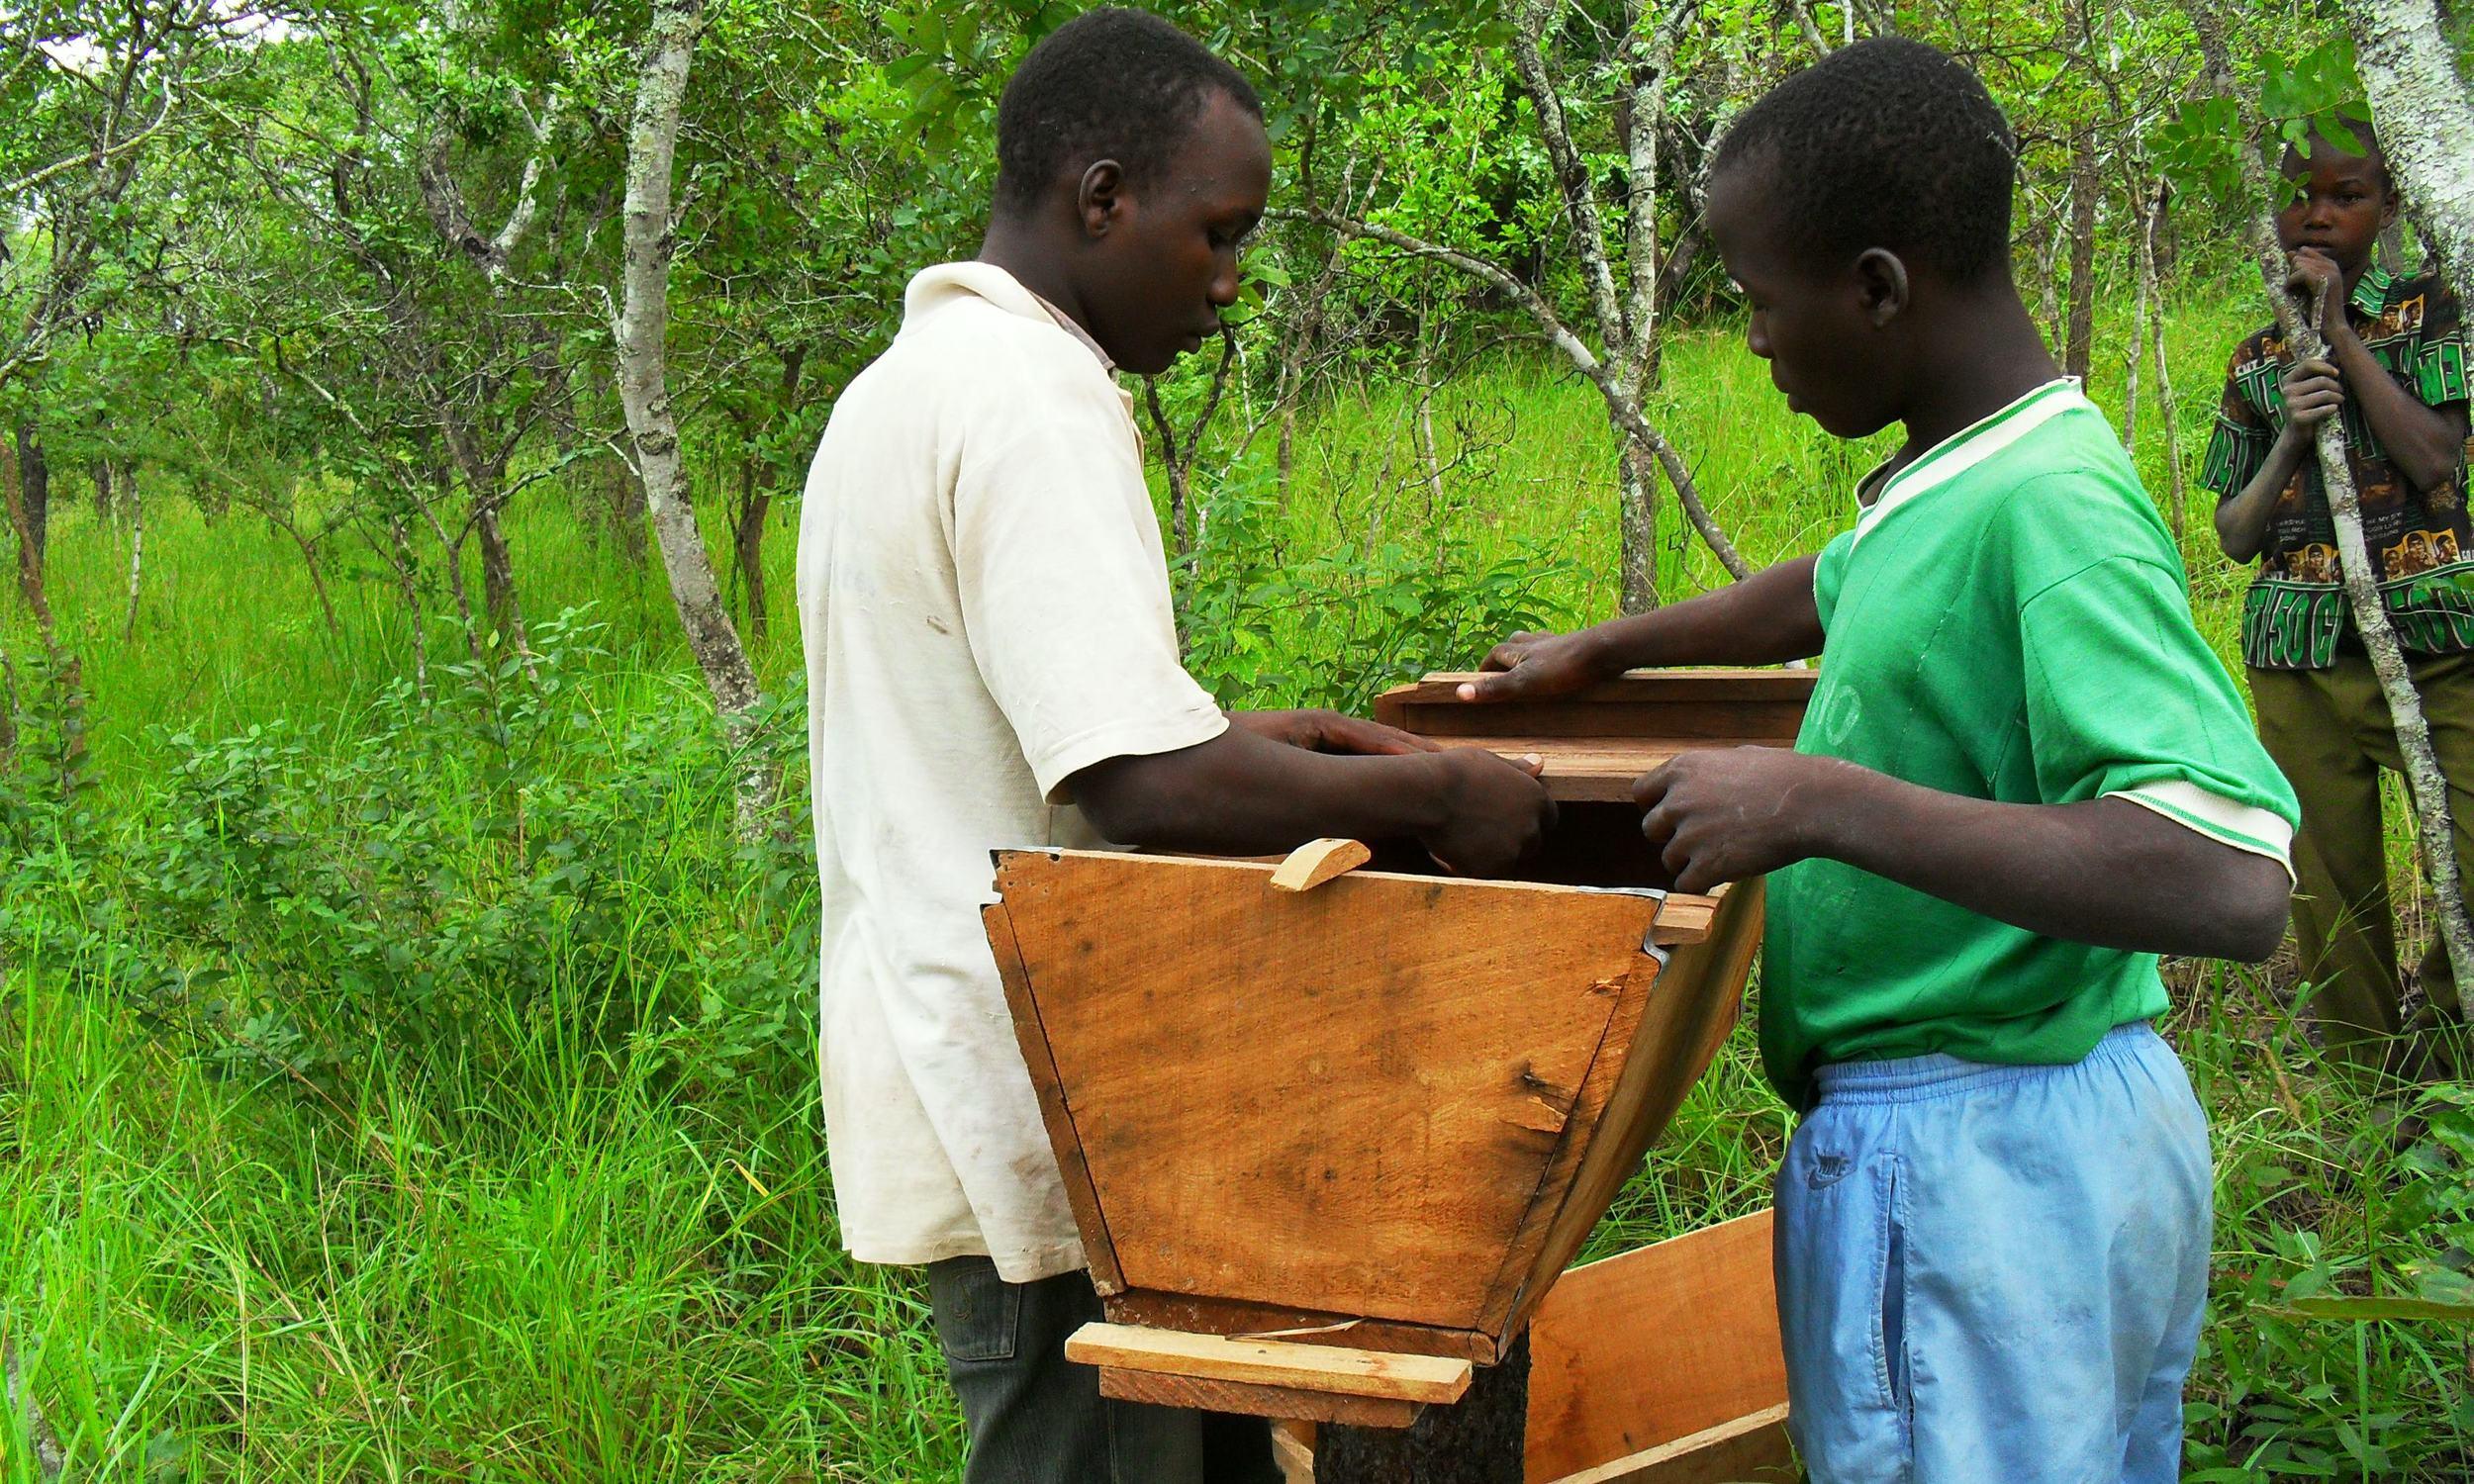 Colocação em terreno  - Installing them in the field